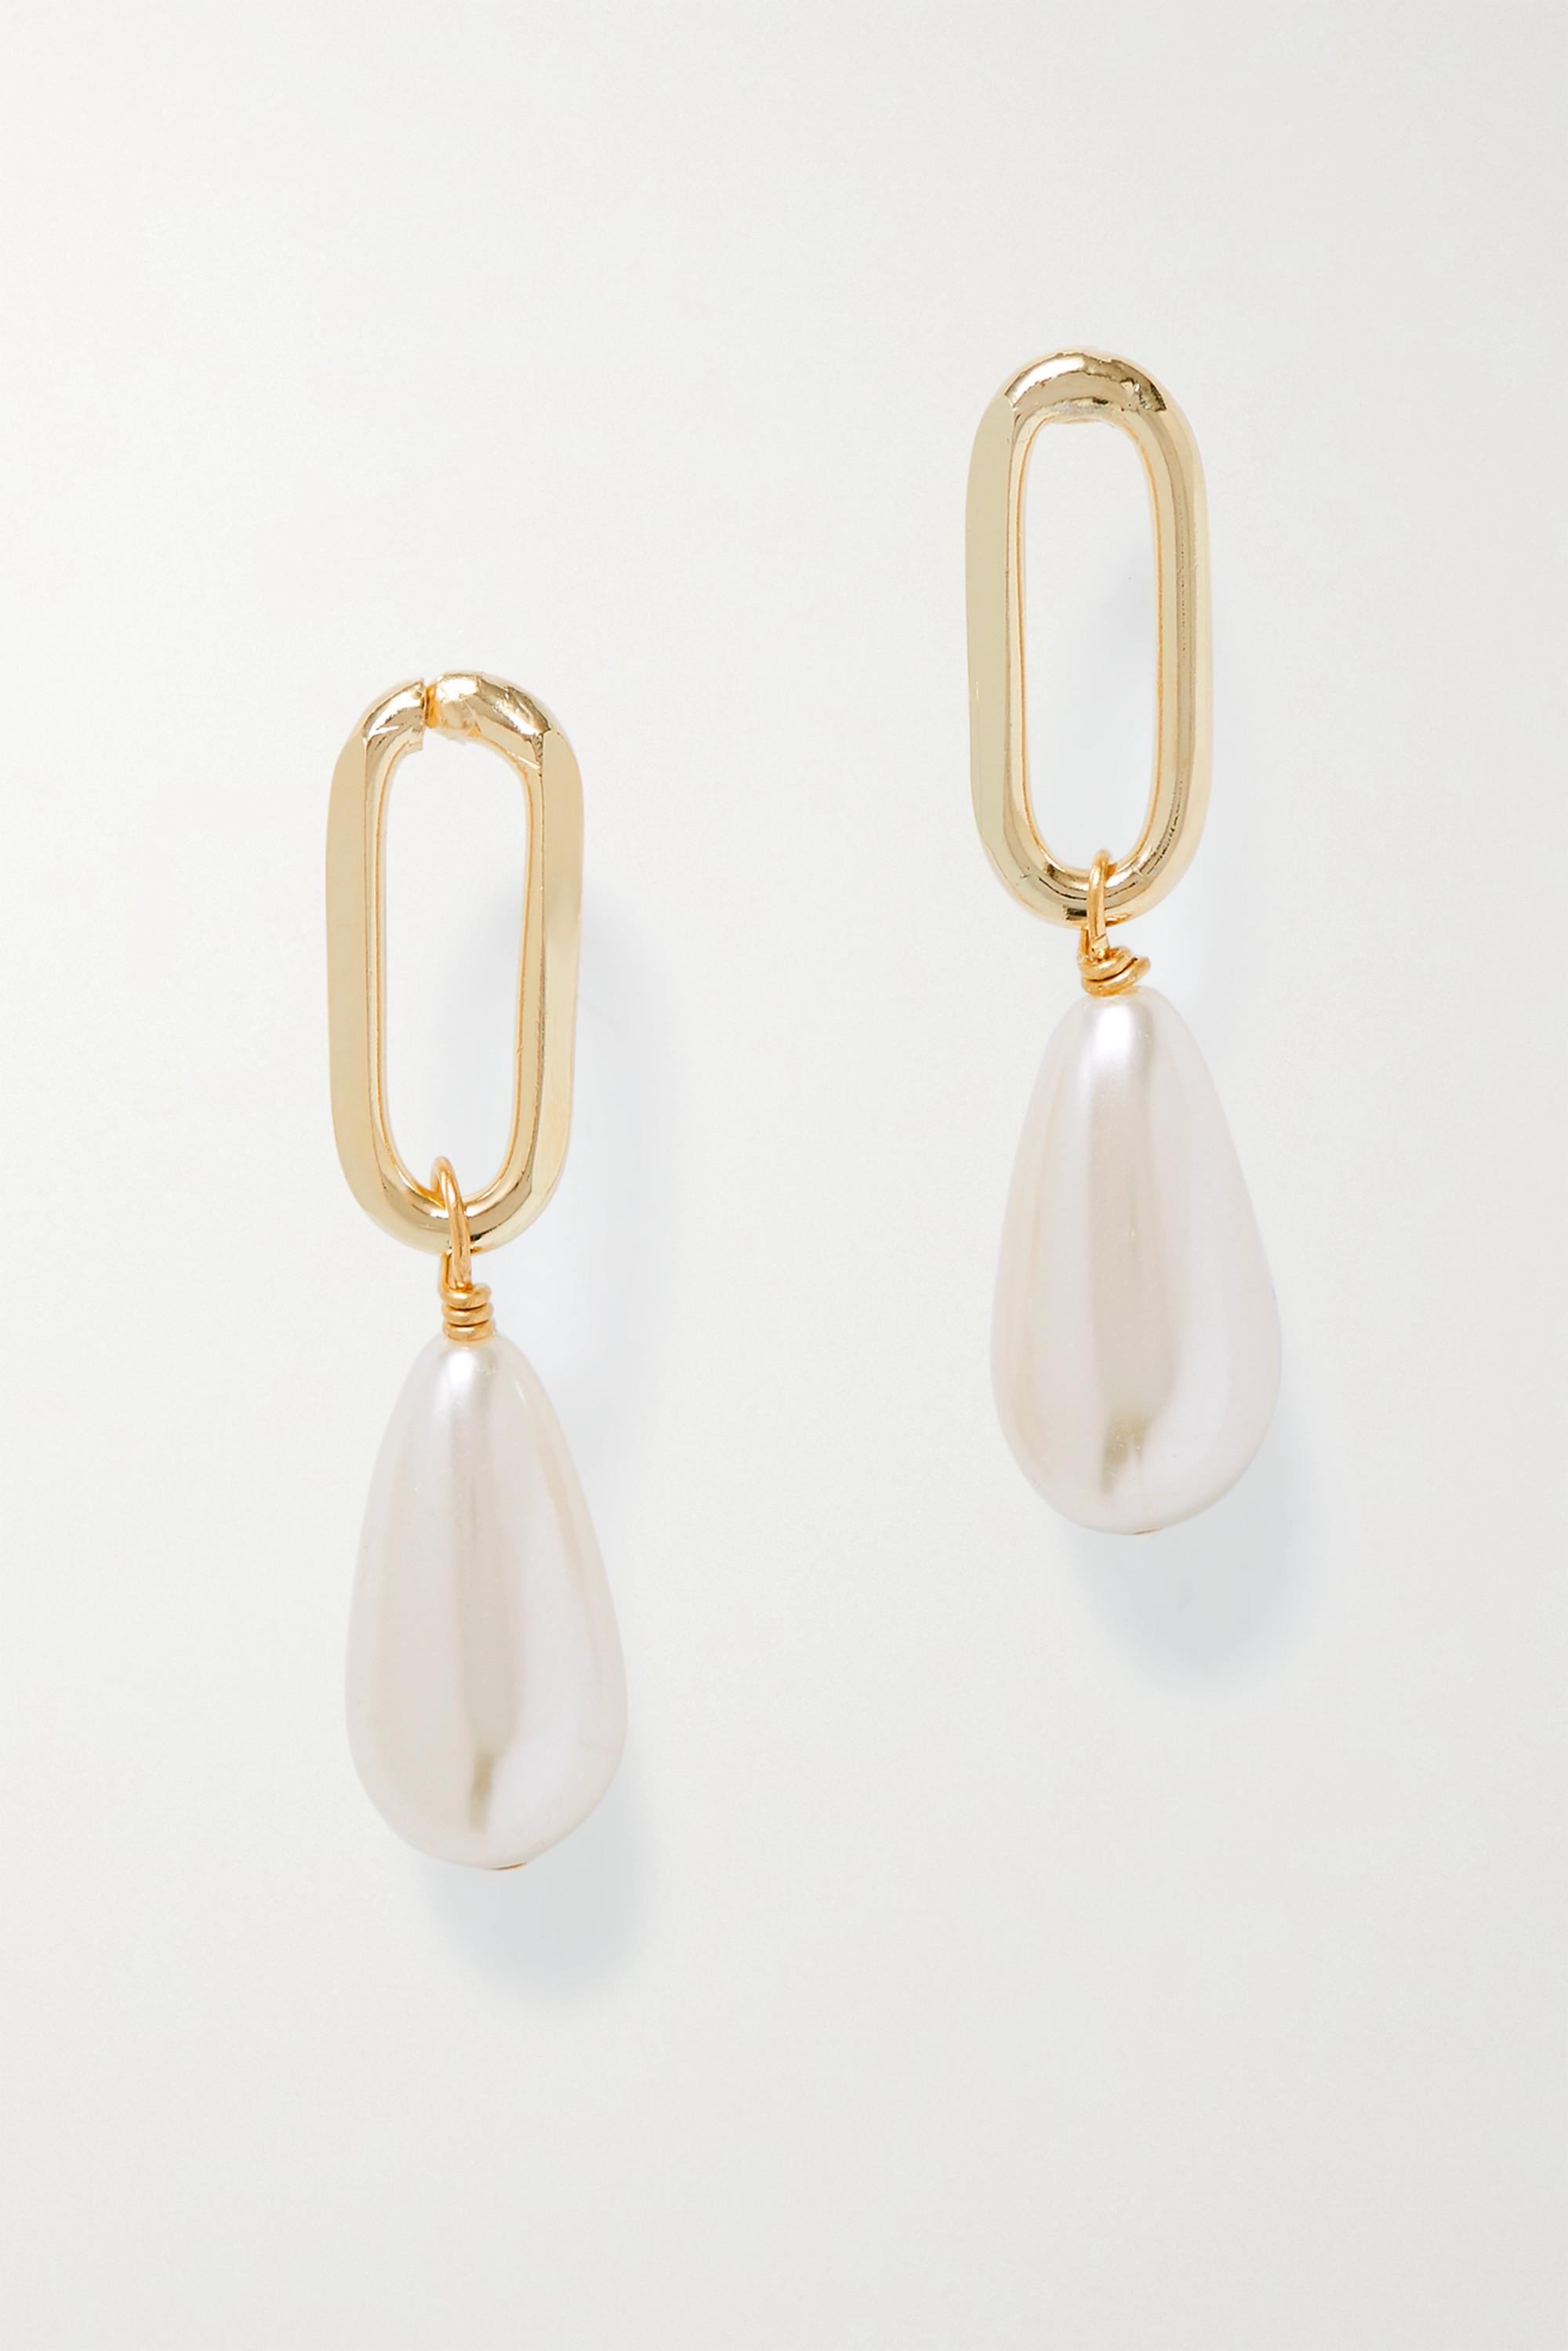 Rosantica Boucles d'oreilles en métal doré et perles synthétiques Promessa